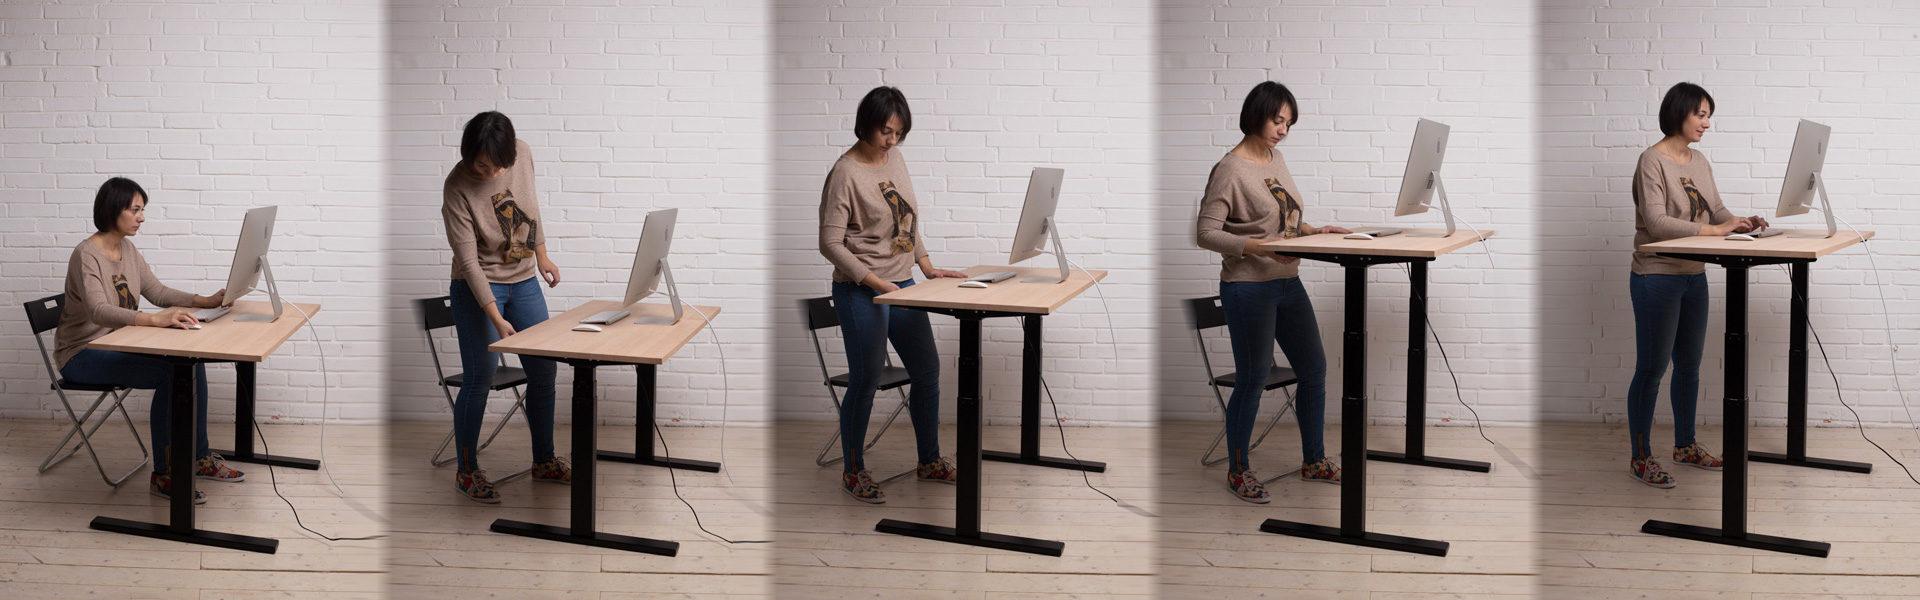 Регулируйте высоту стола, чтобы работать стоя